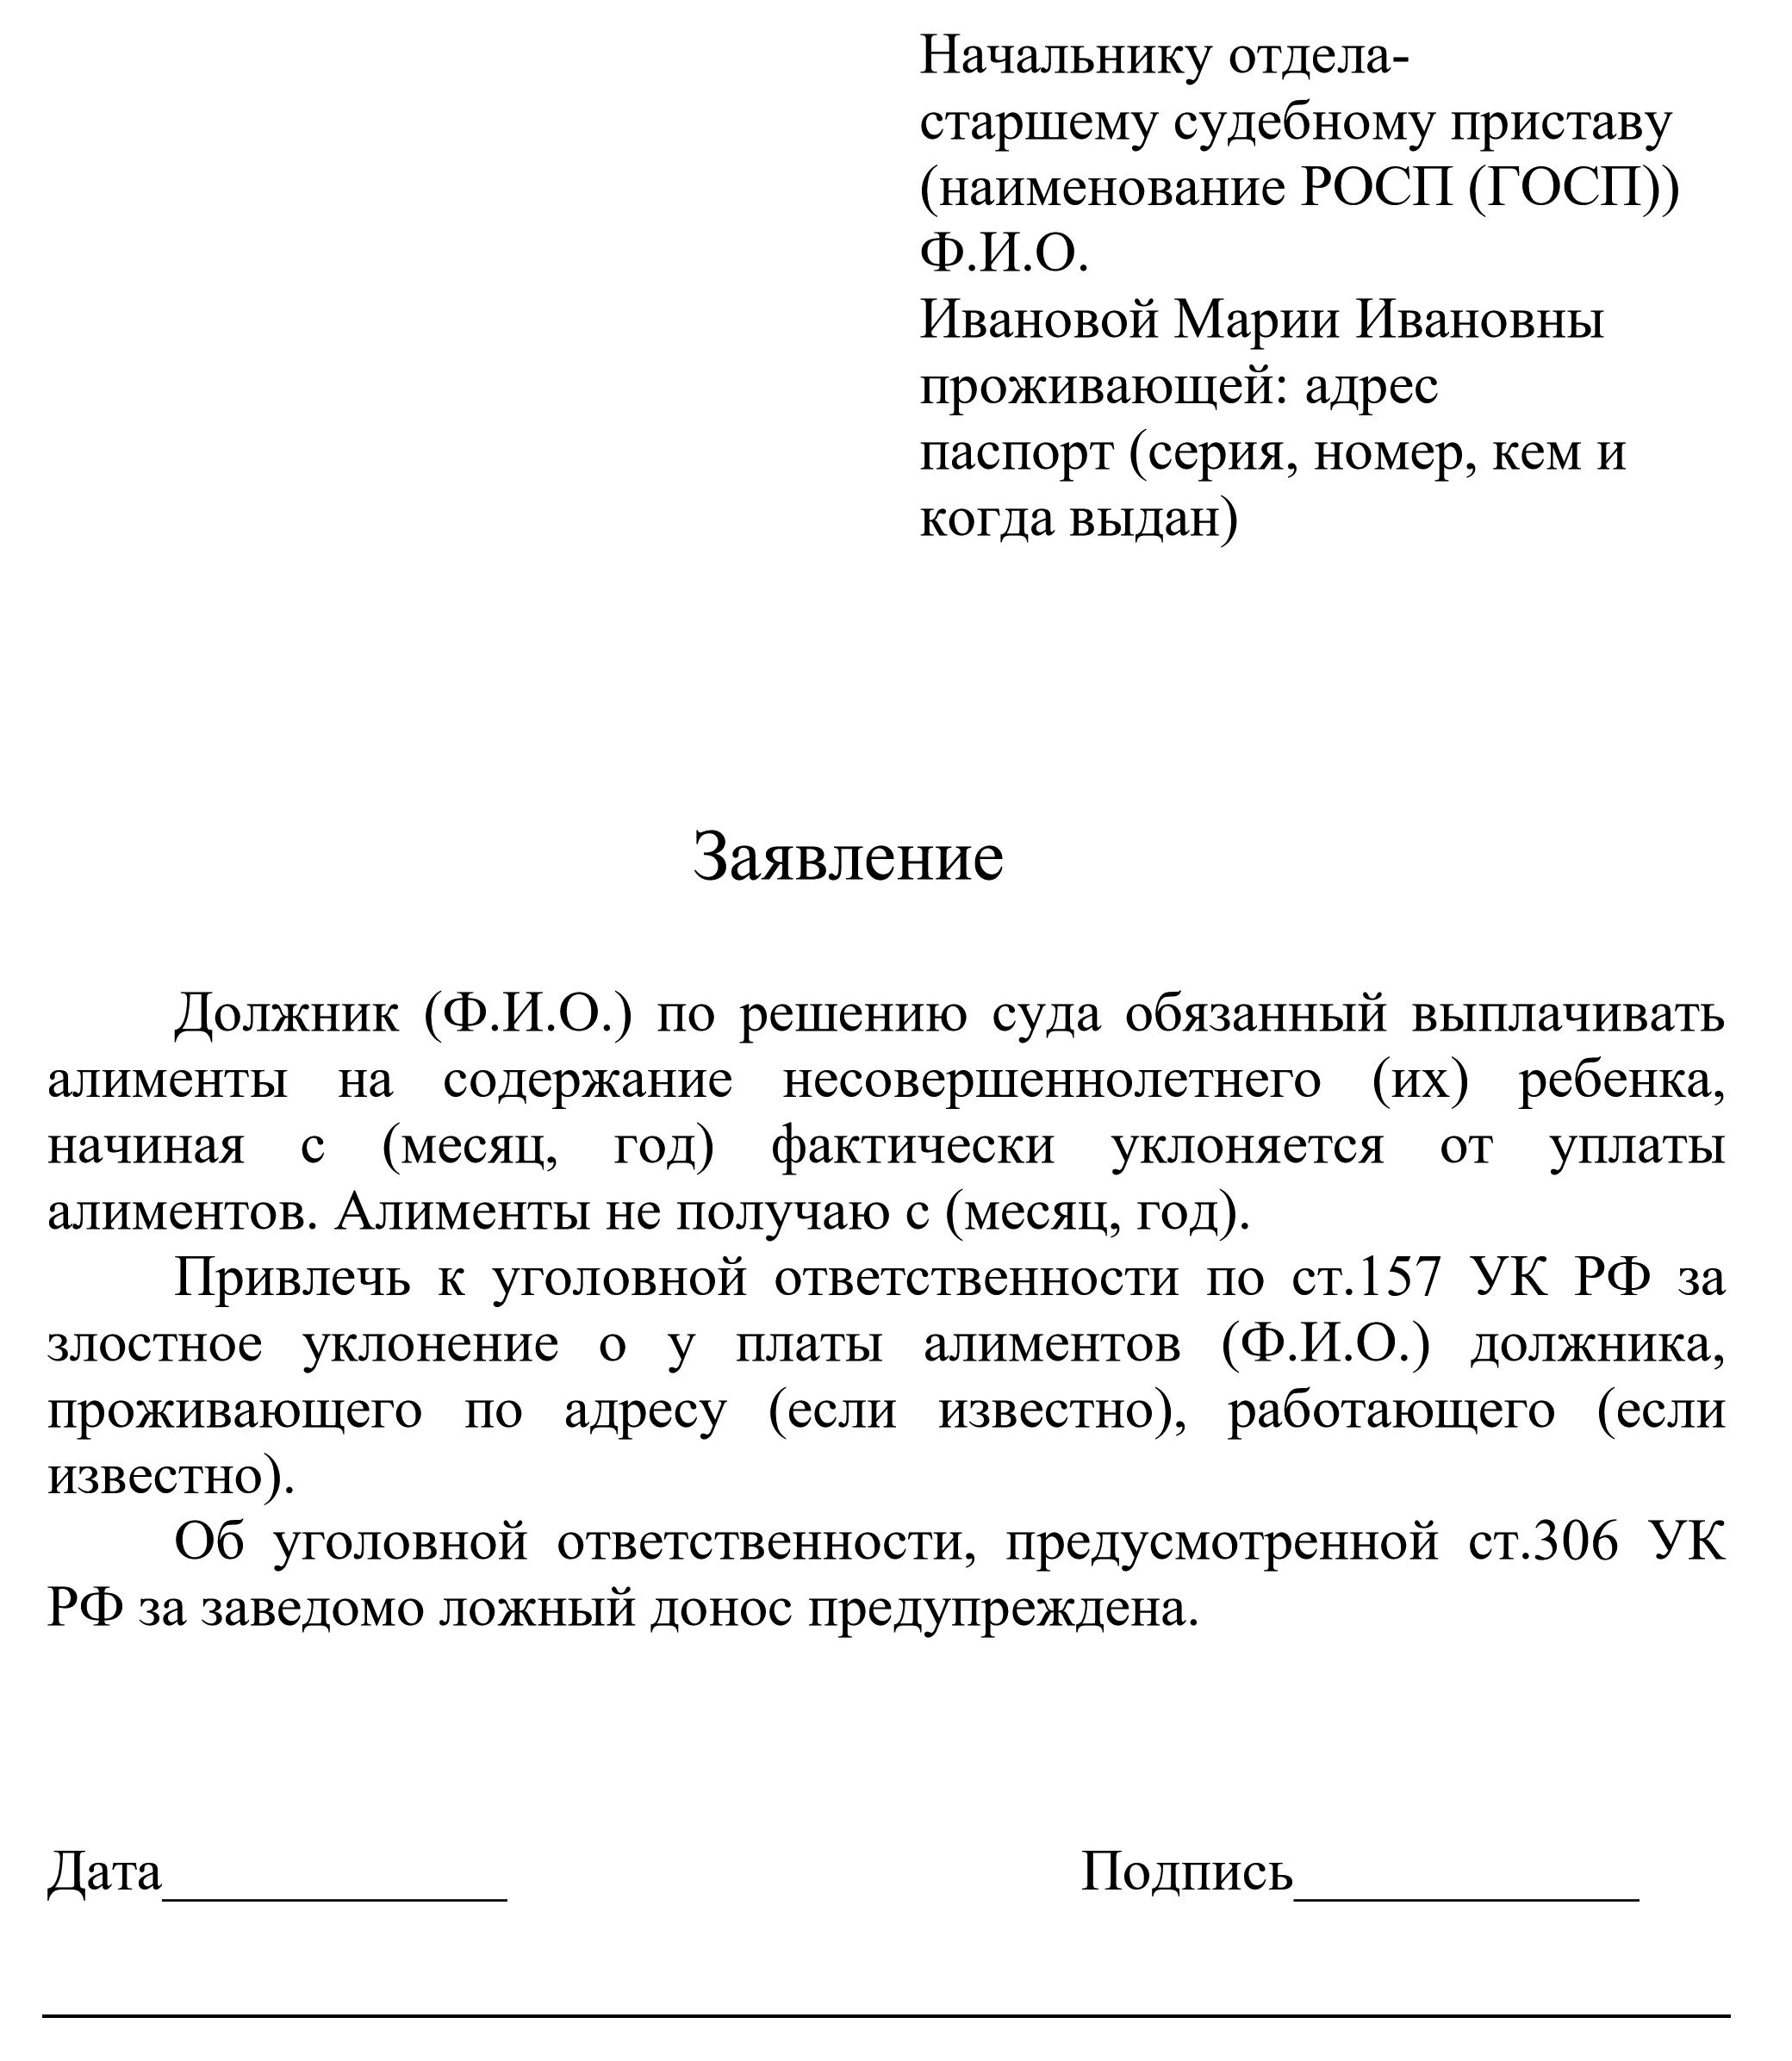 Пишем заявление в прокуратуру по алиментам – образец документа